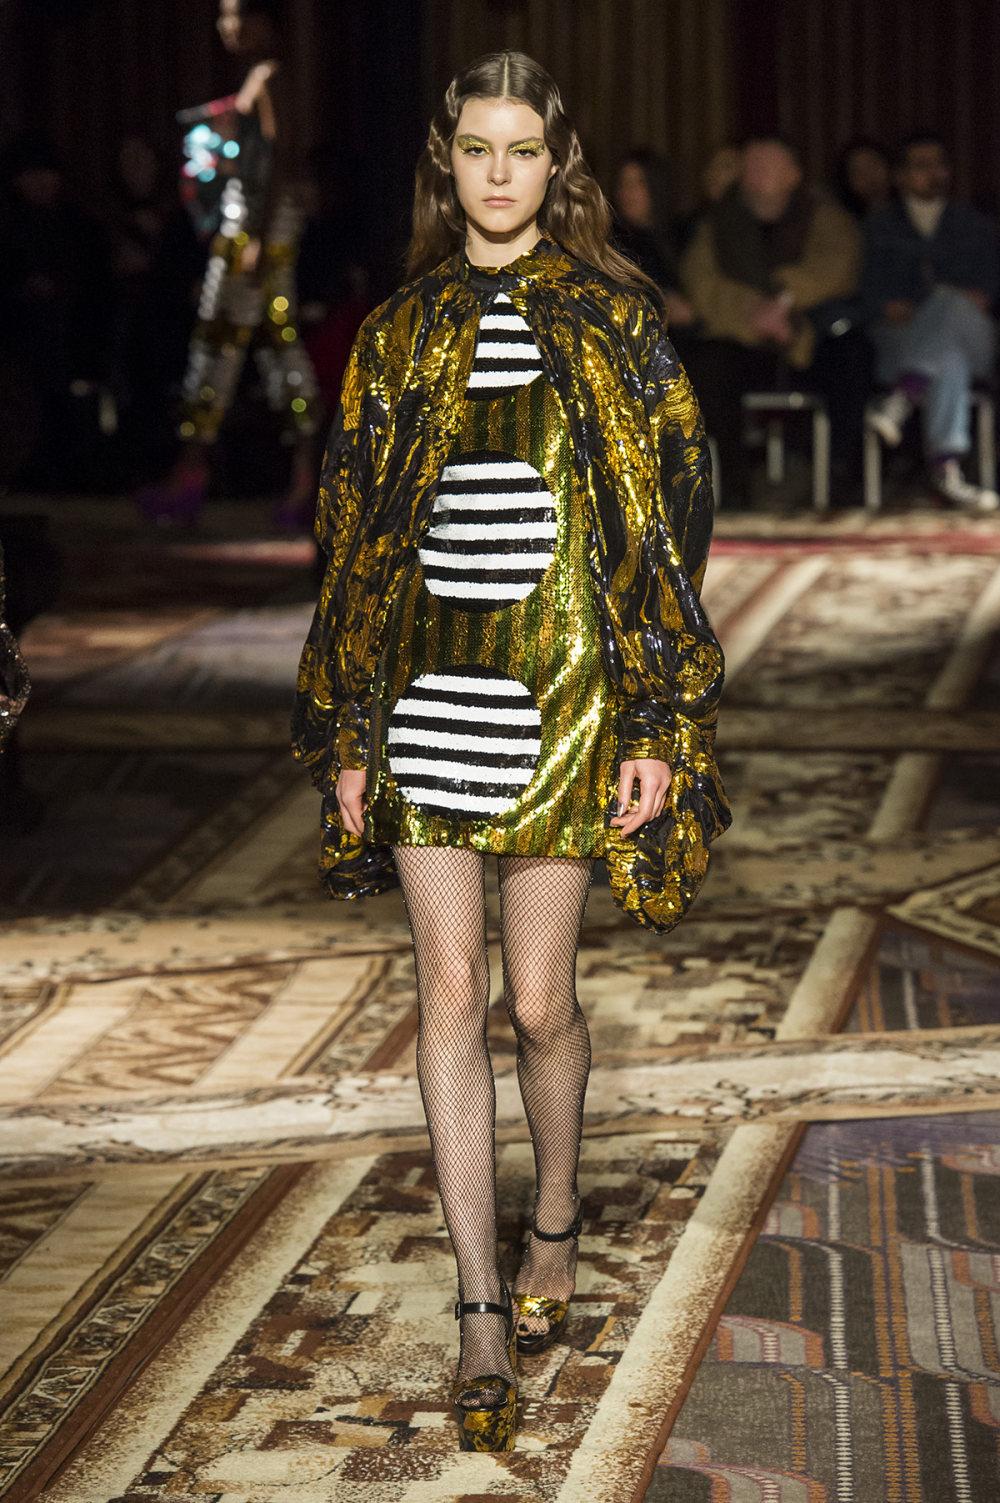 Halpern时装系列将幻想印花应用于宽大的缎面外套展示垂褶技巧-10.jpg